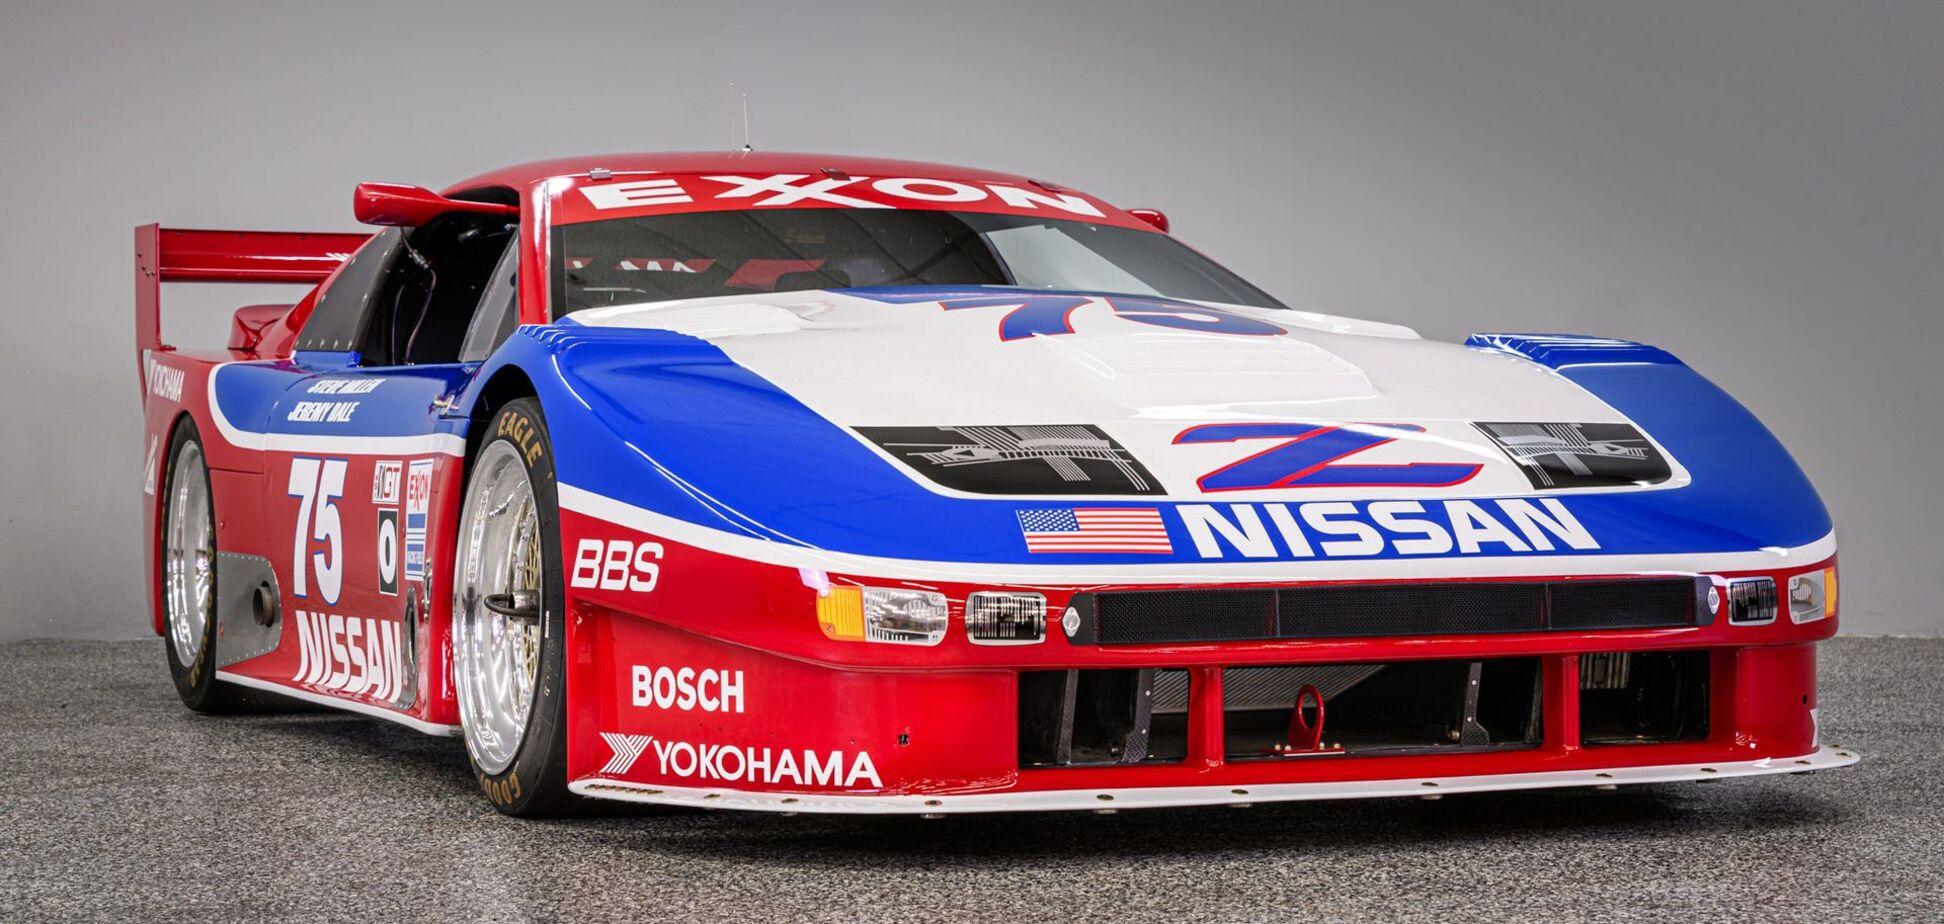 Титулованный гоночный болид Nissan выставили на аукционе